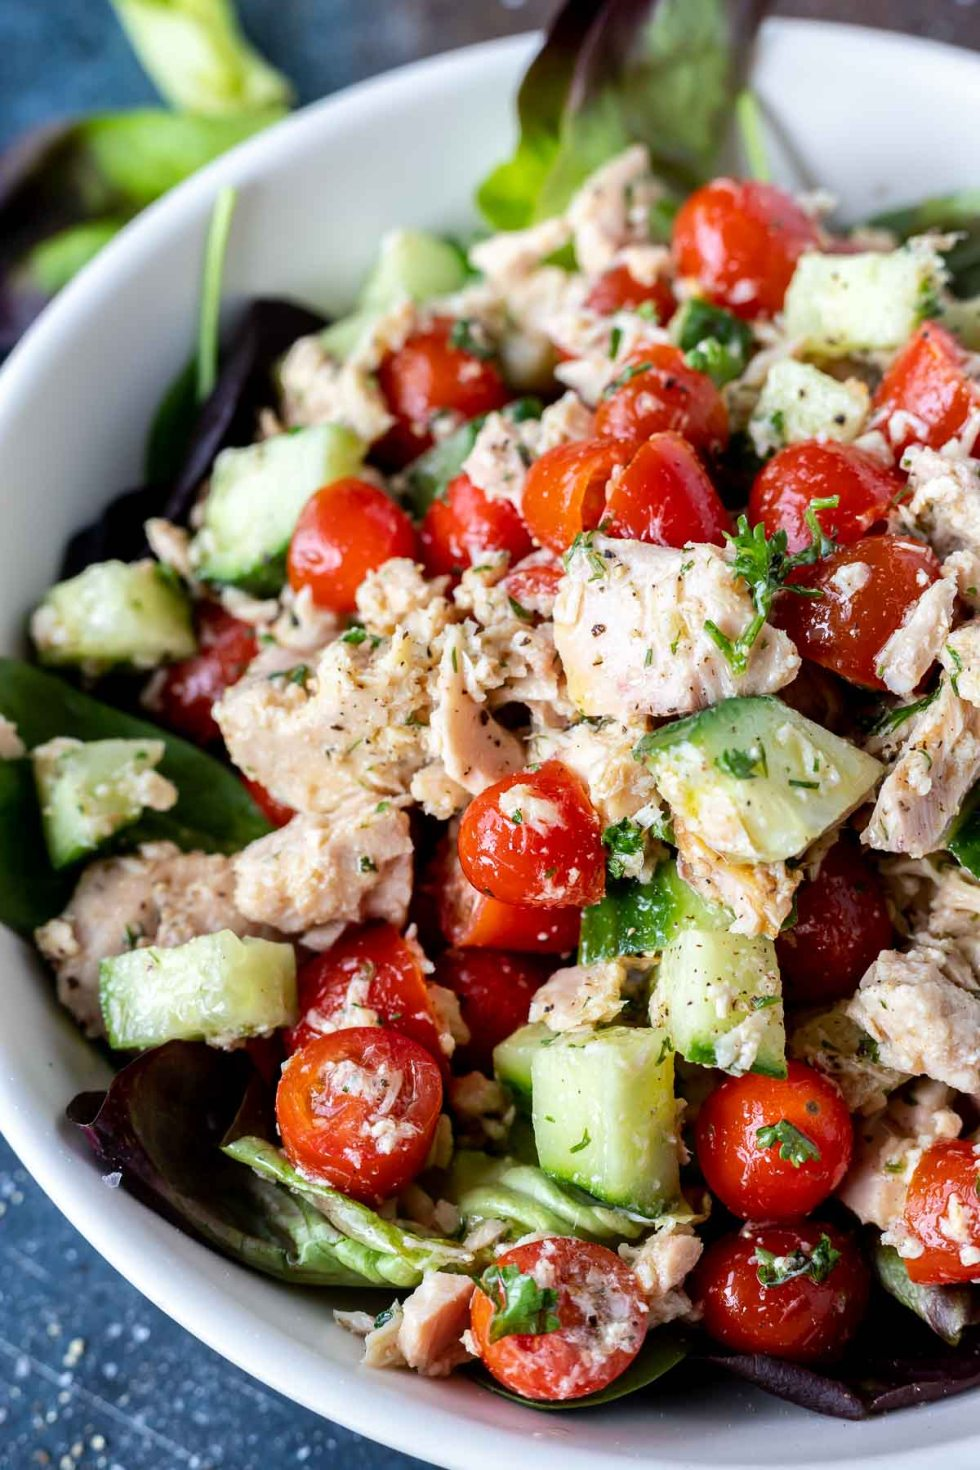 prepared tuna salad in white bowl